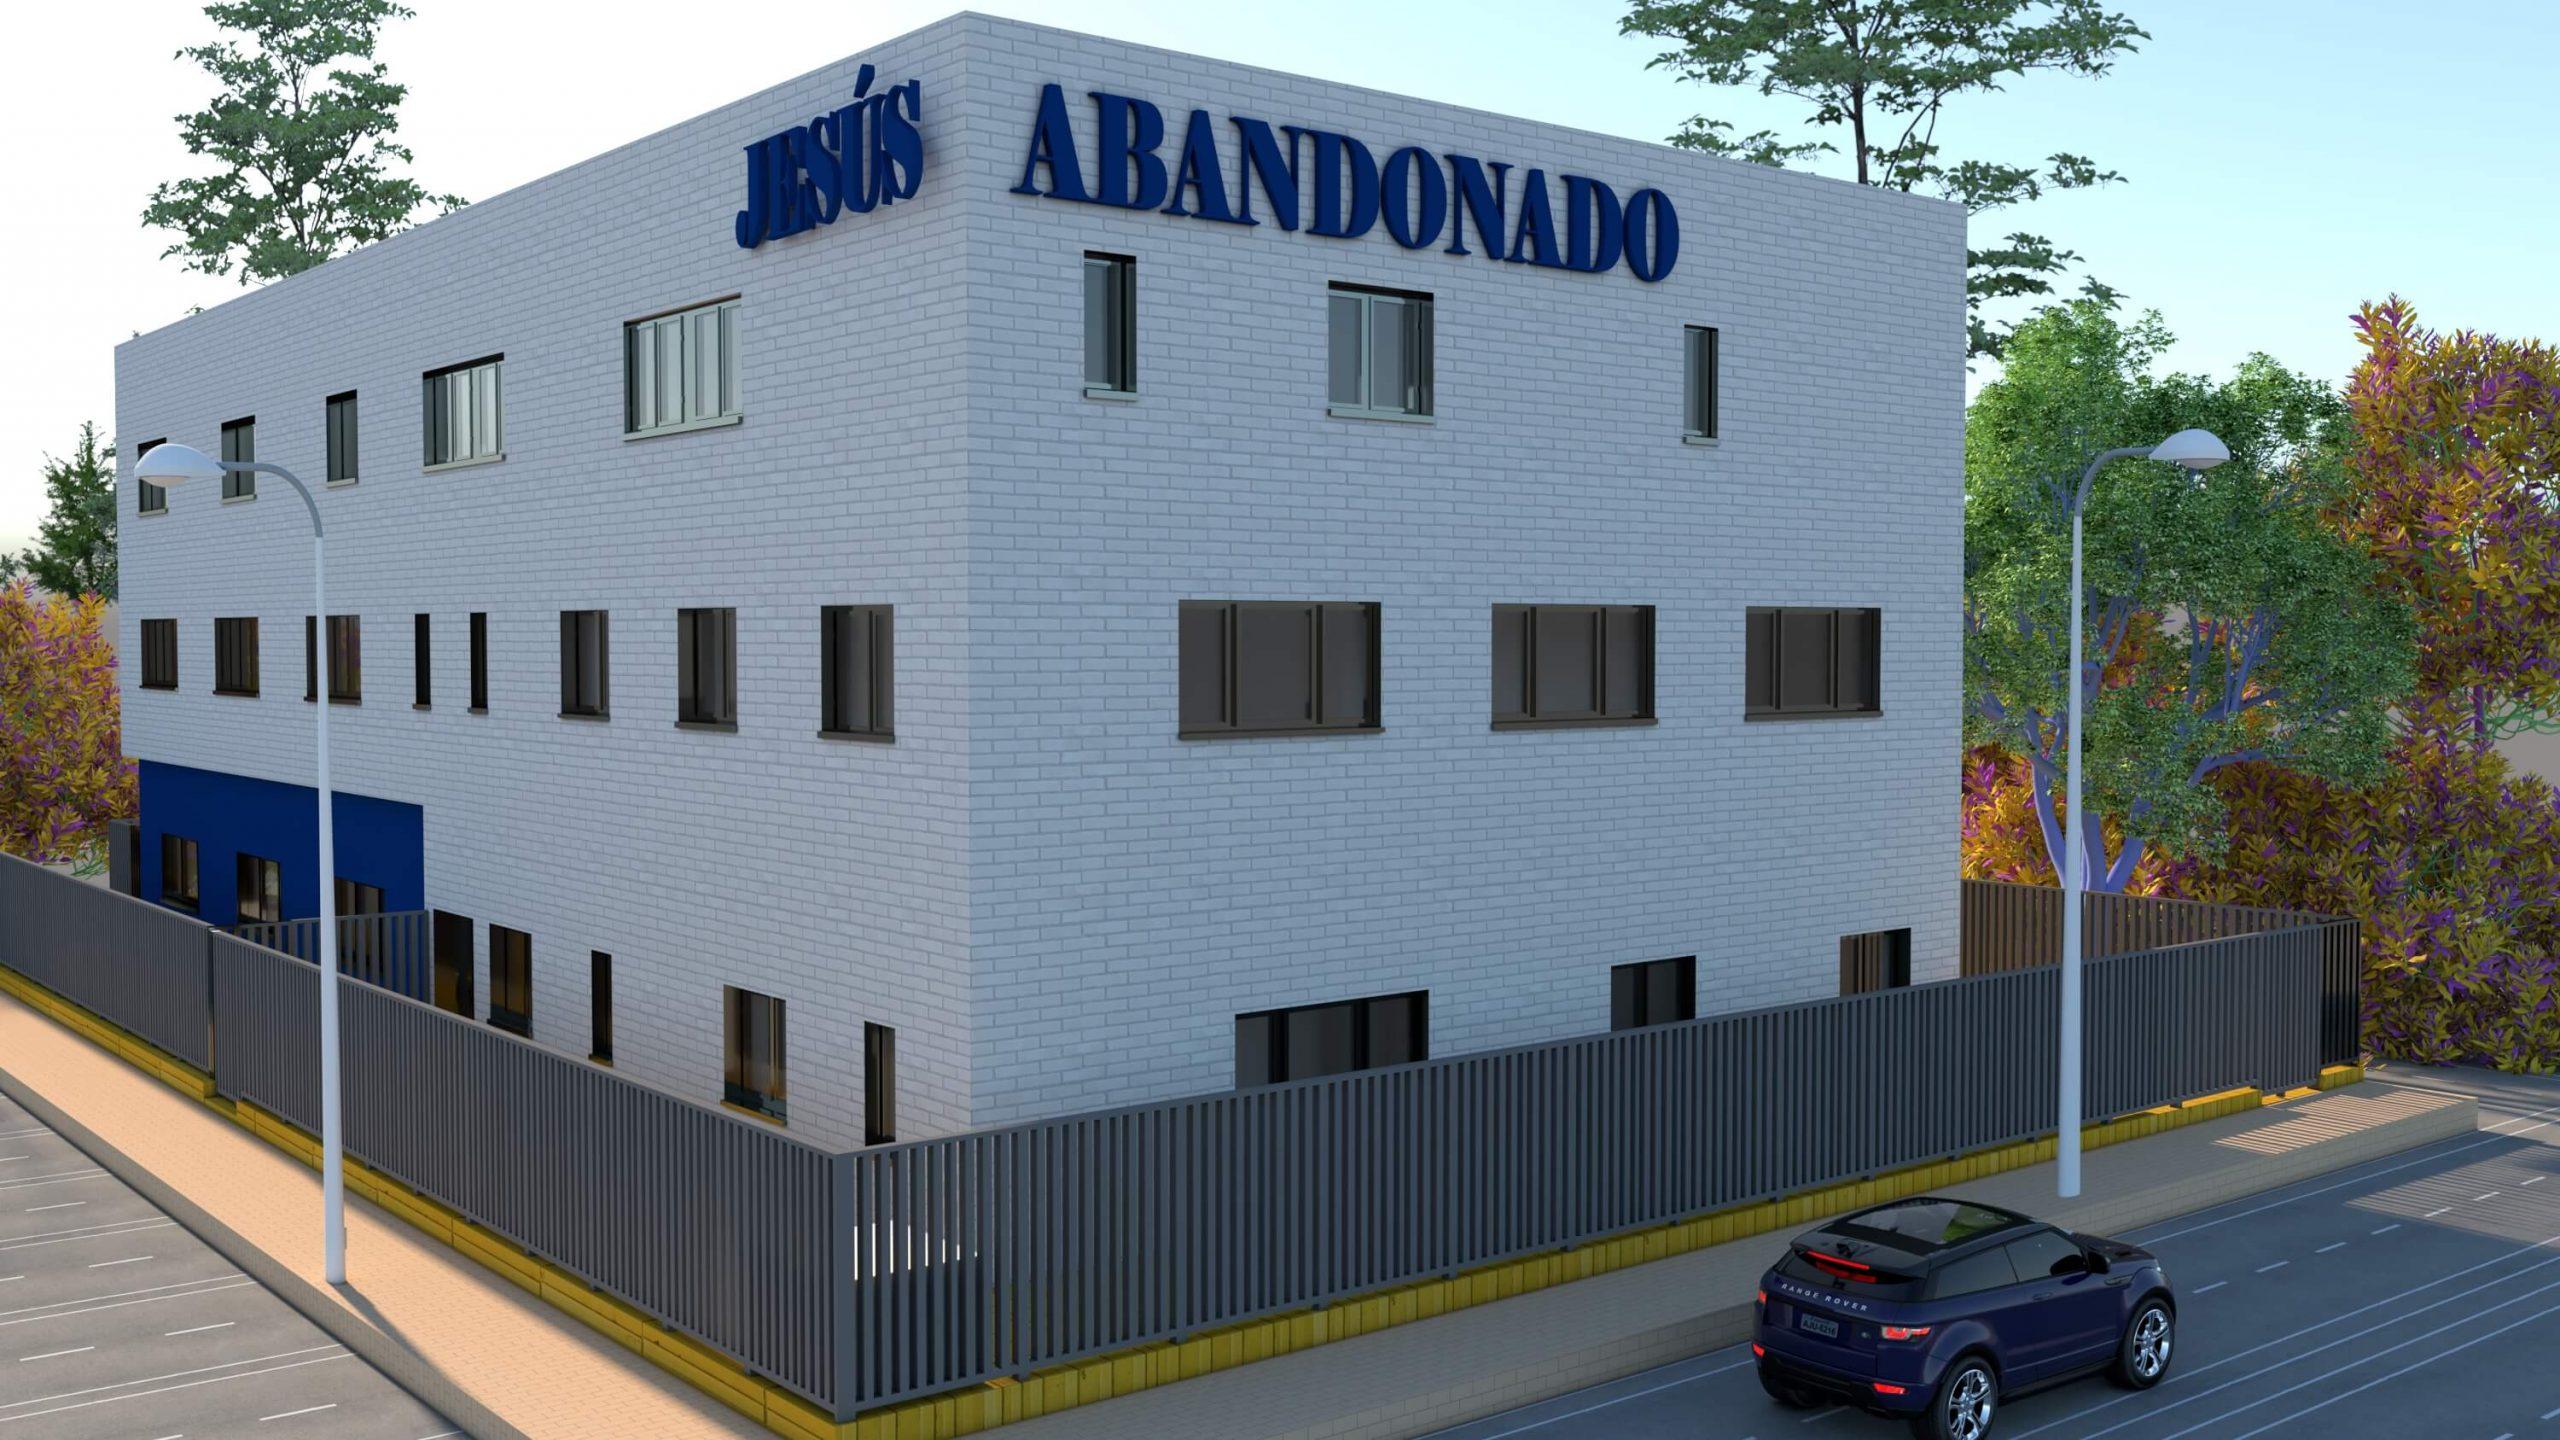 Mumarq Interiorismo y Arquitectura - Arquitectura Jesús Abandonado Murcia